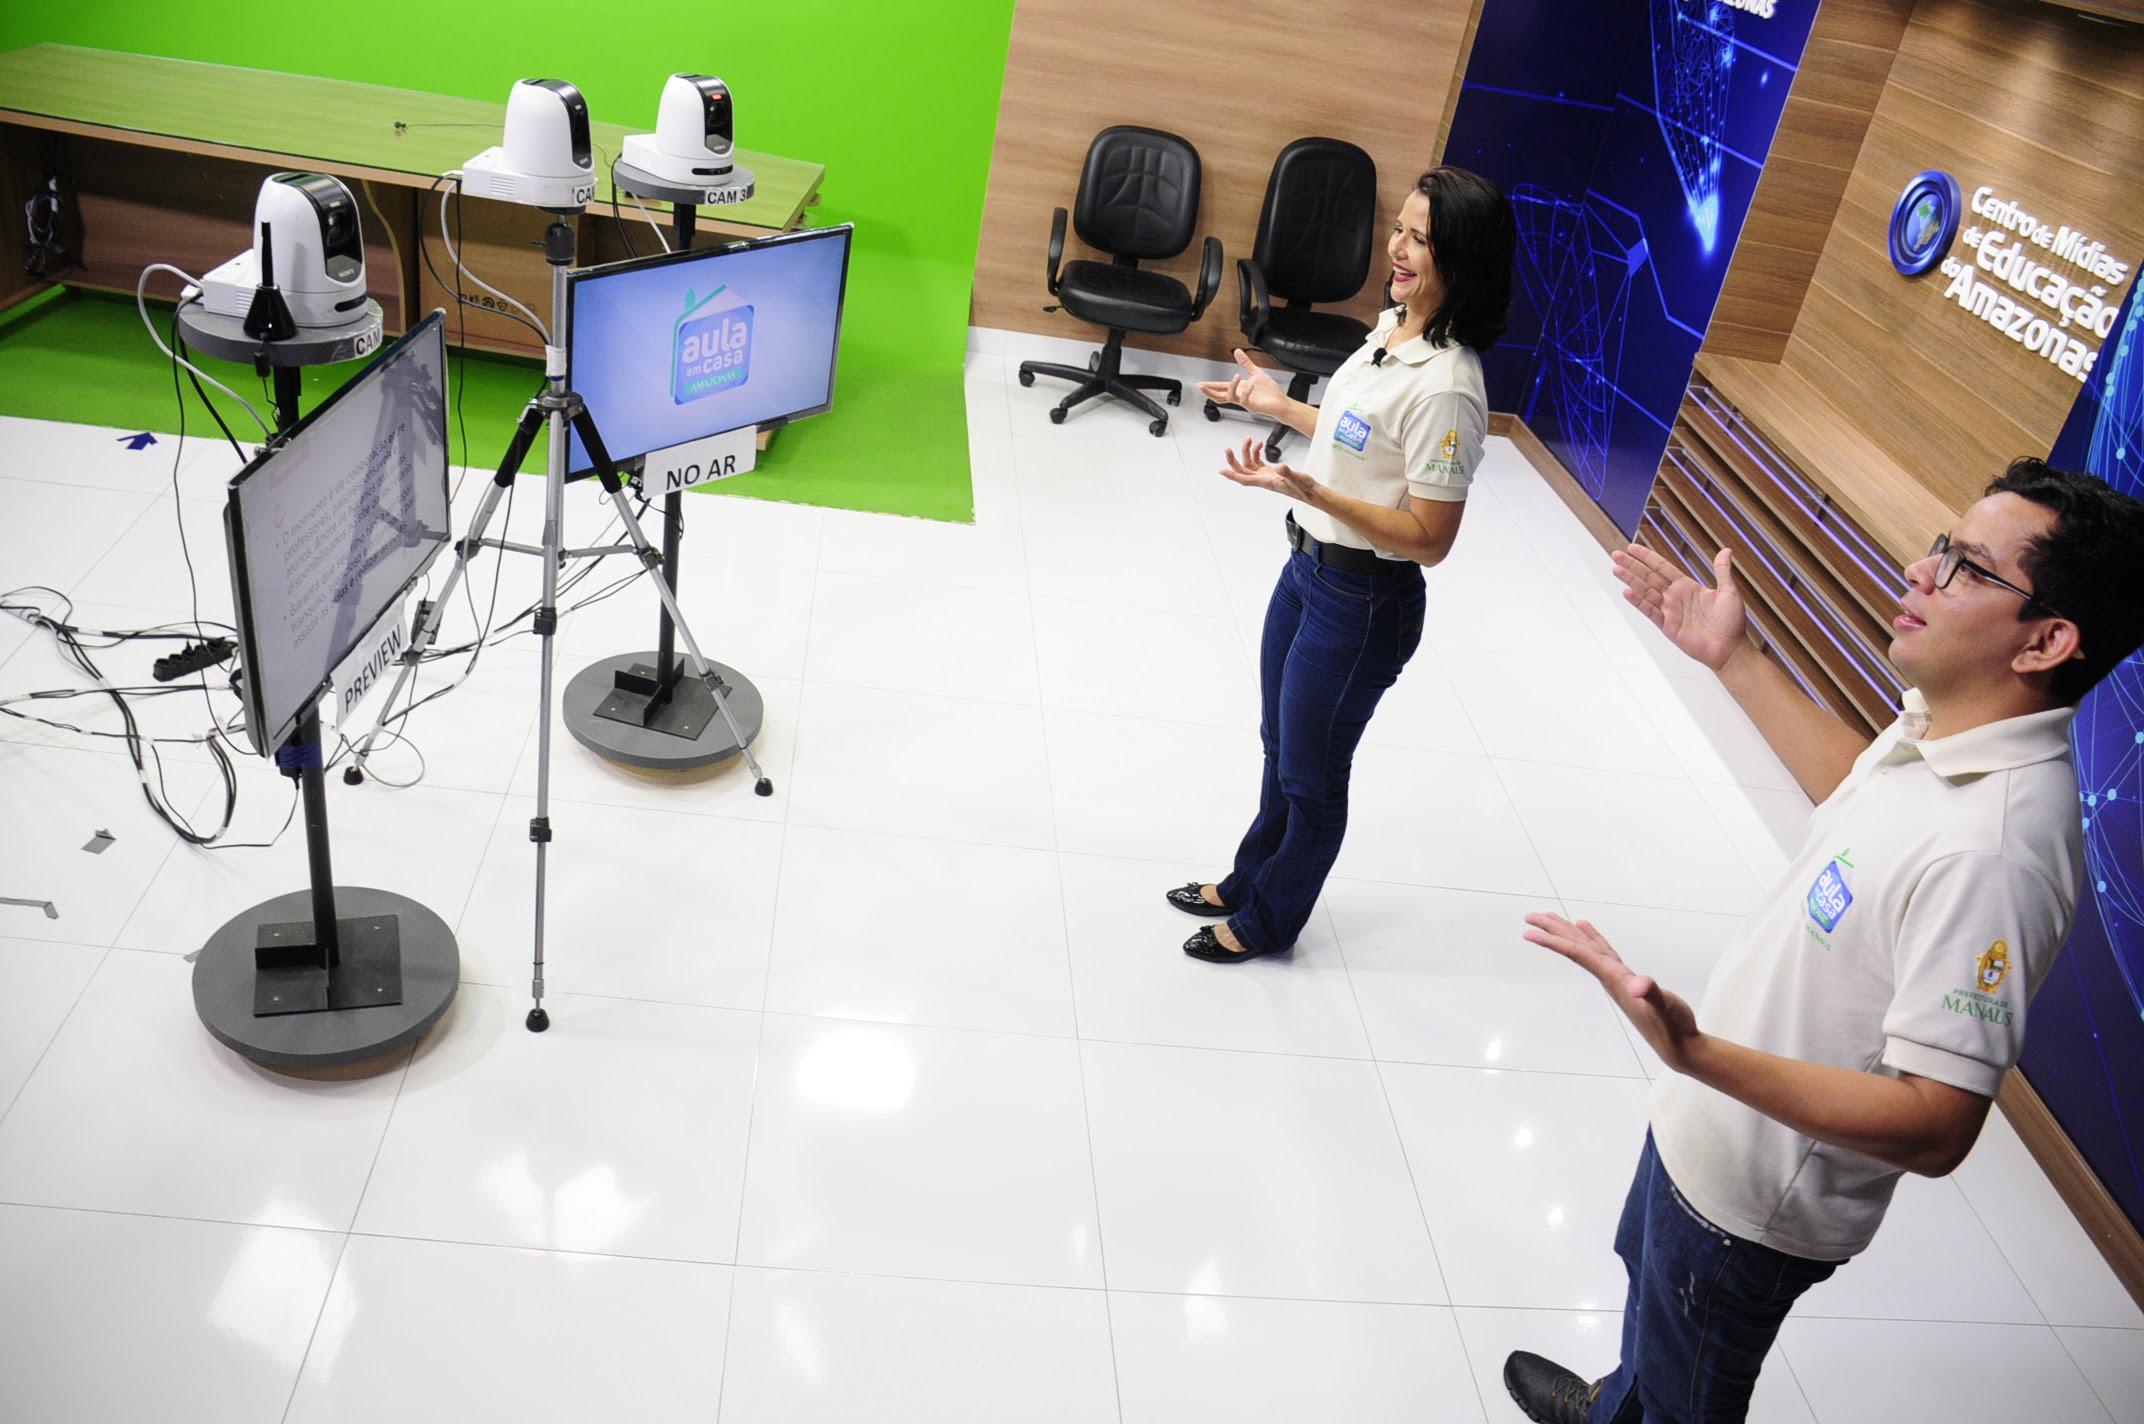 Secretaria de Educação terá programação ao vivo para sanar dúvidas de professores no regime especial de aulas